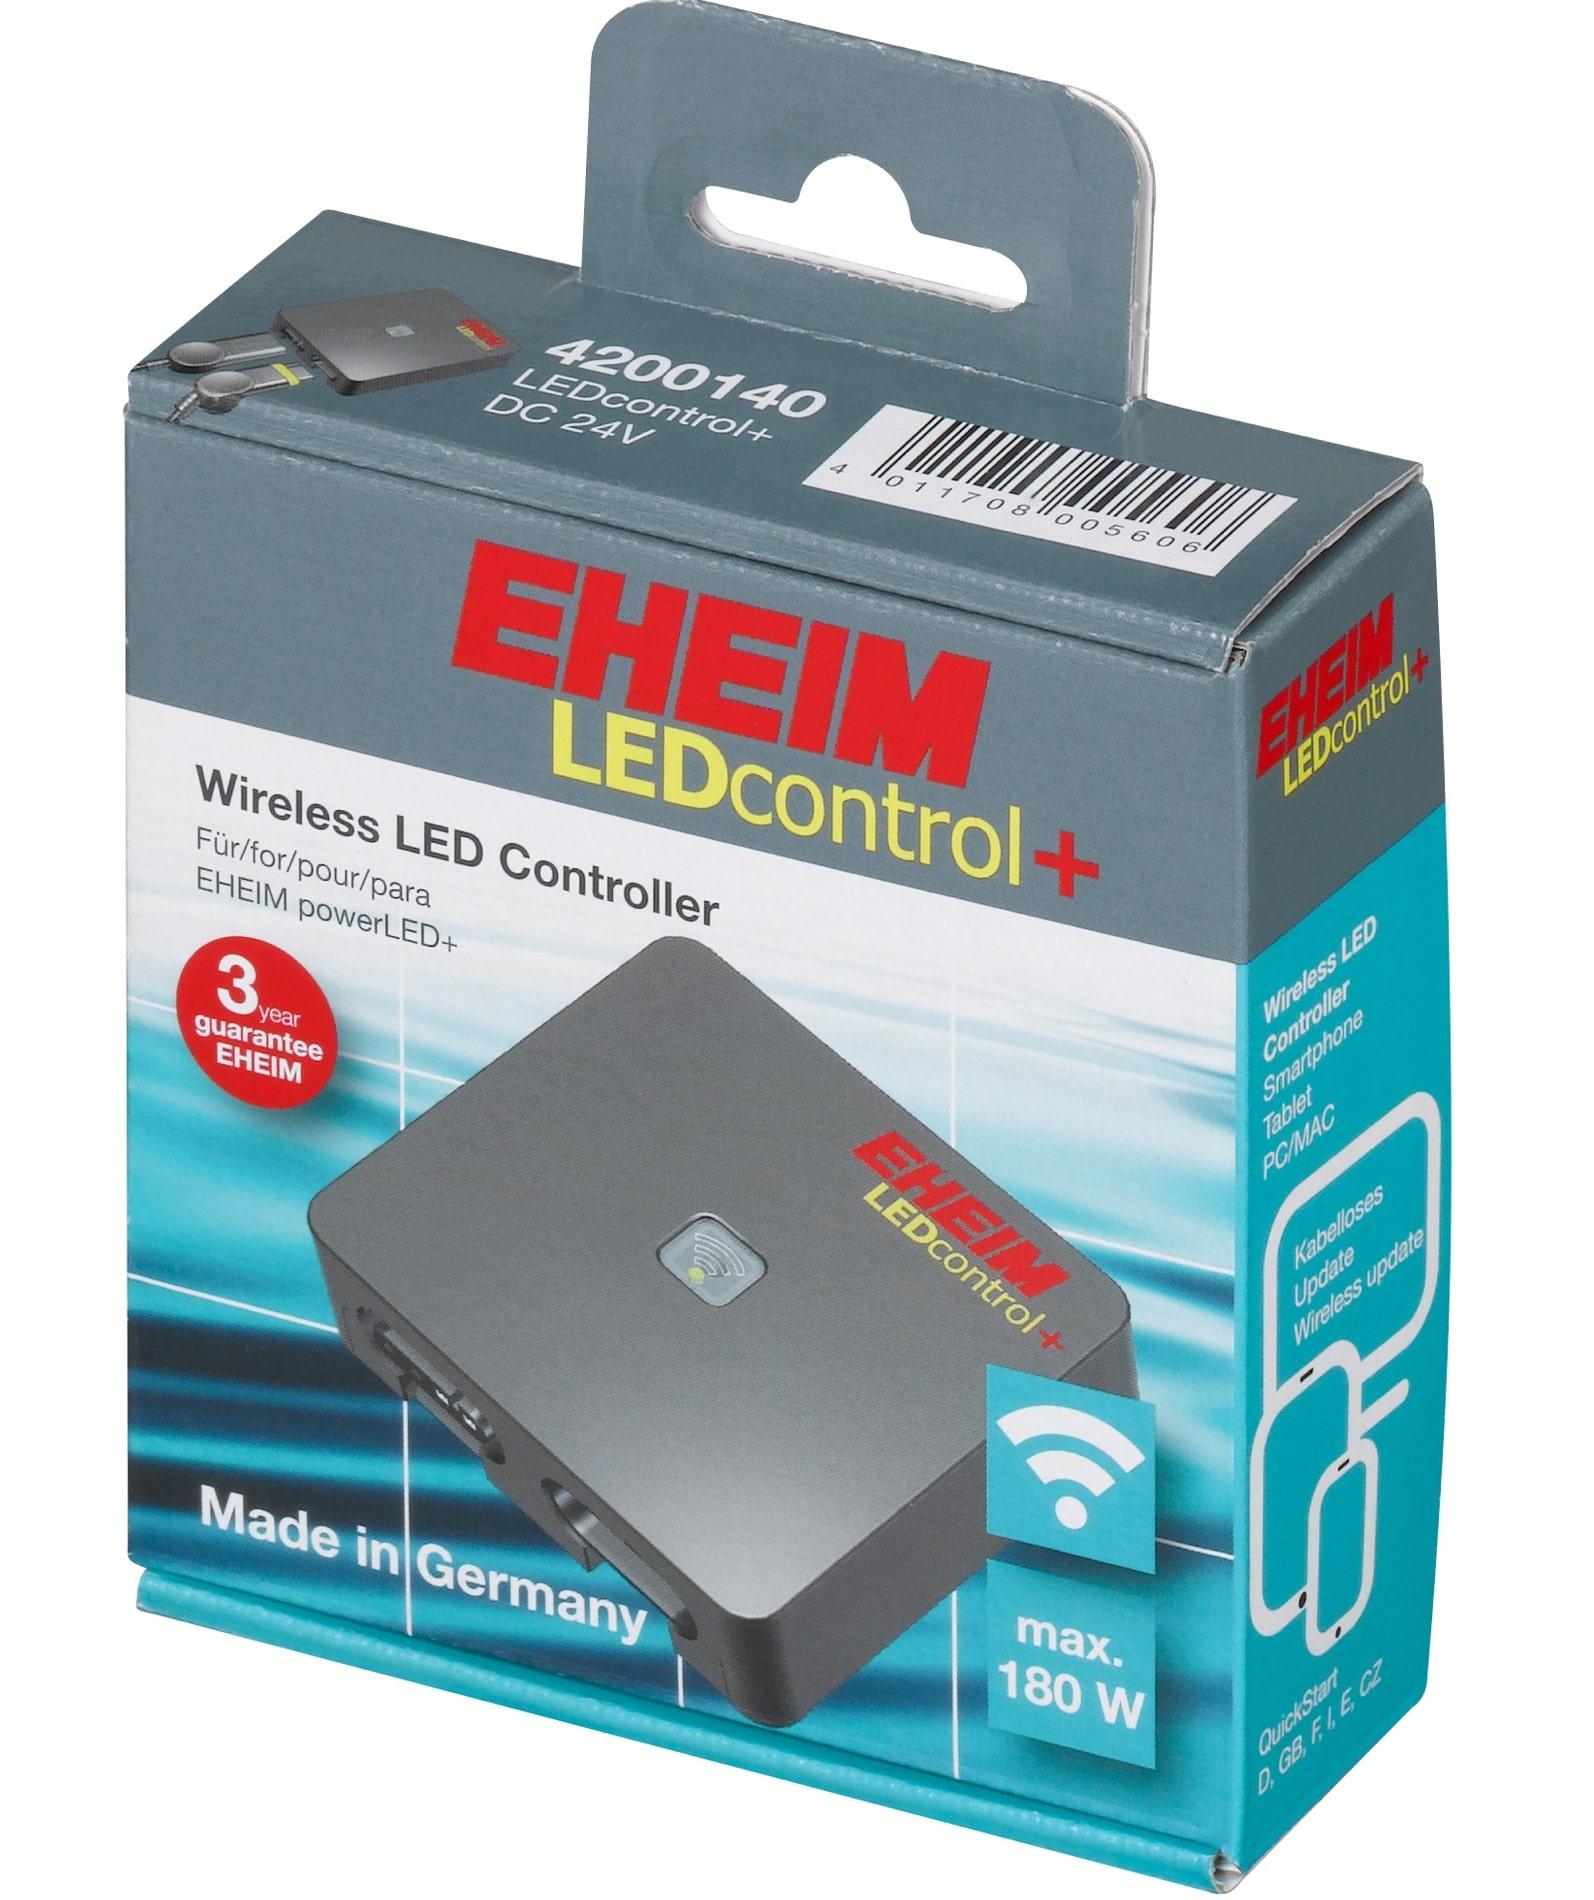 EHEIM LEDcontrol+ contrôleur Wireless pour rampe PowerLED+